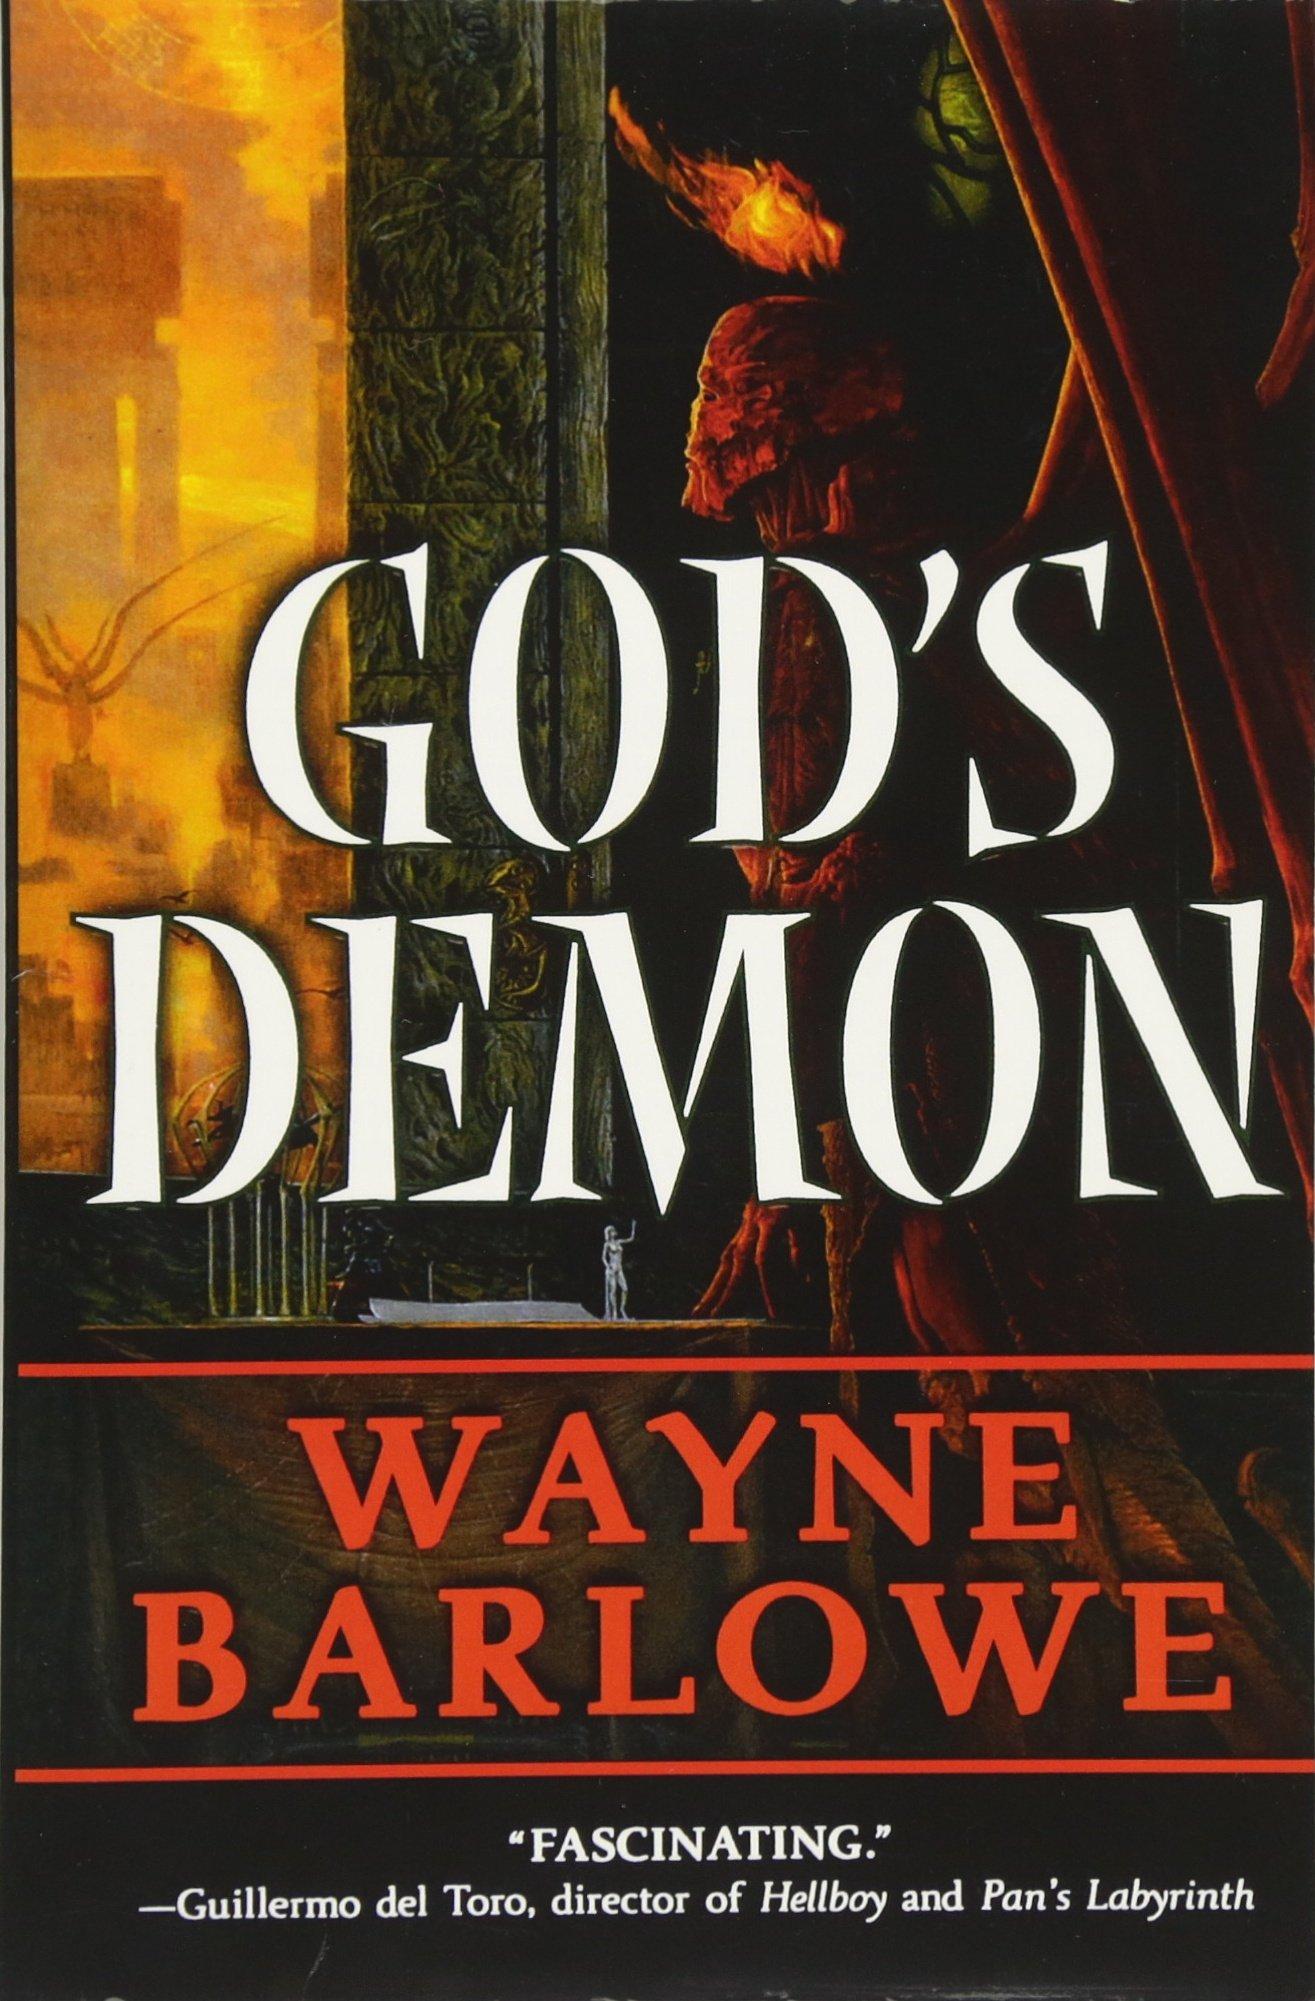 Gods demon wayne barlowe 9780765335777 amazon books fandeluxe Image collections